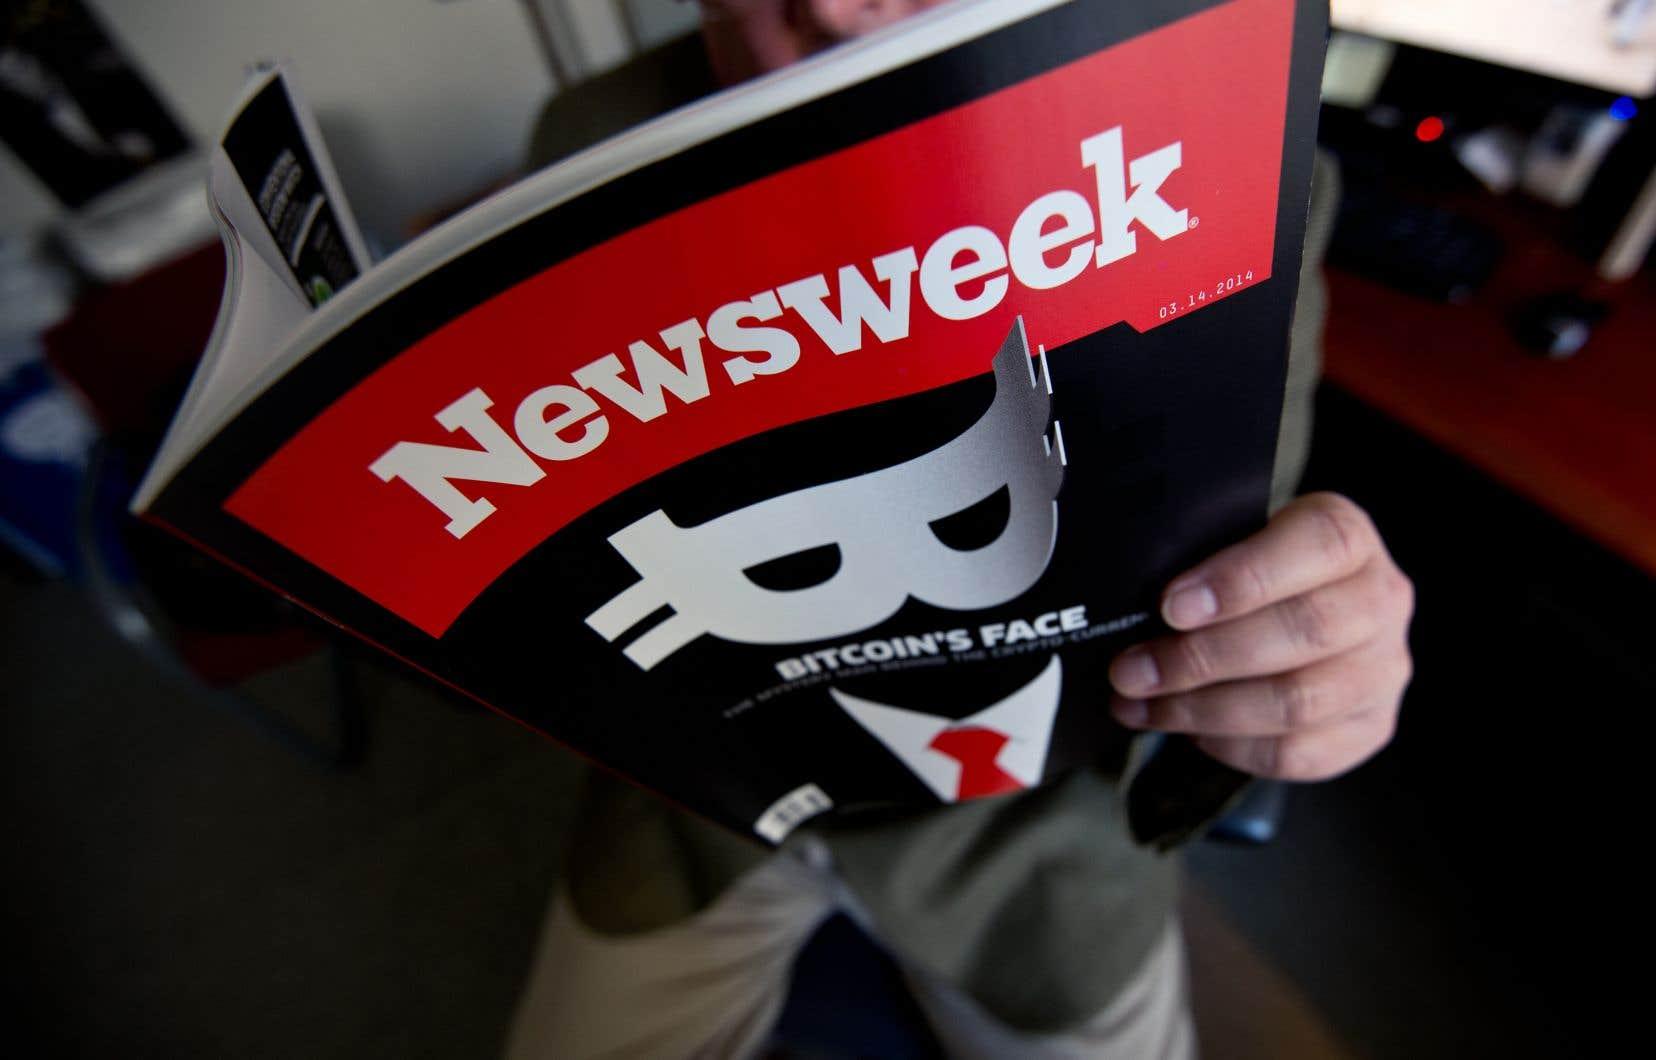 Titre historique de la presse américaine, fondé en 1933, <em>Newsweek</em> a connu de sérieuses difficultés au tournant des années 2010.